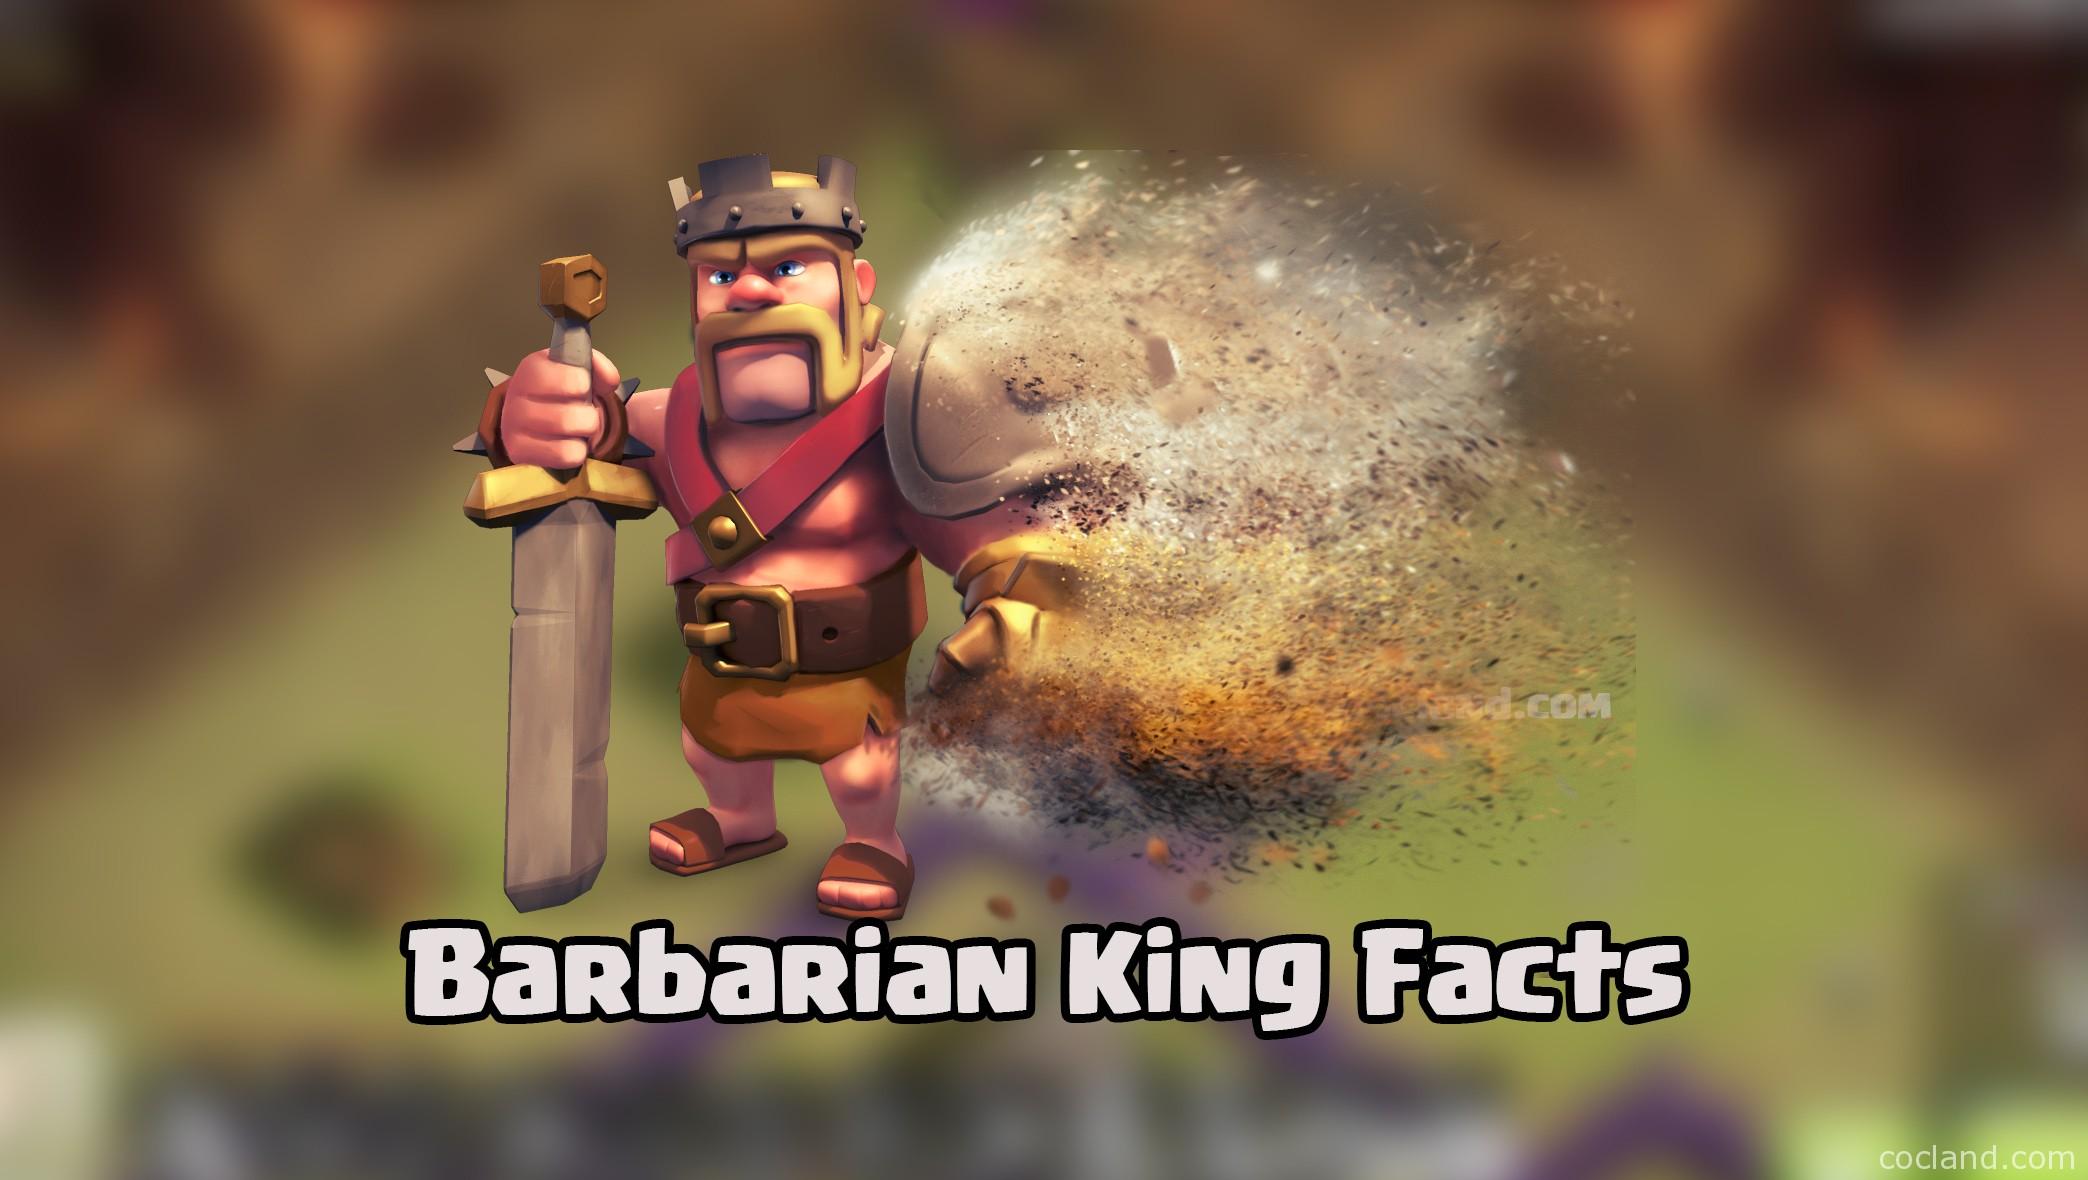 Barbarian King Fun Facts